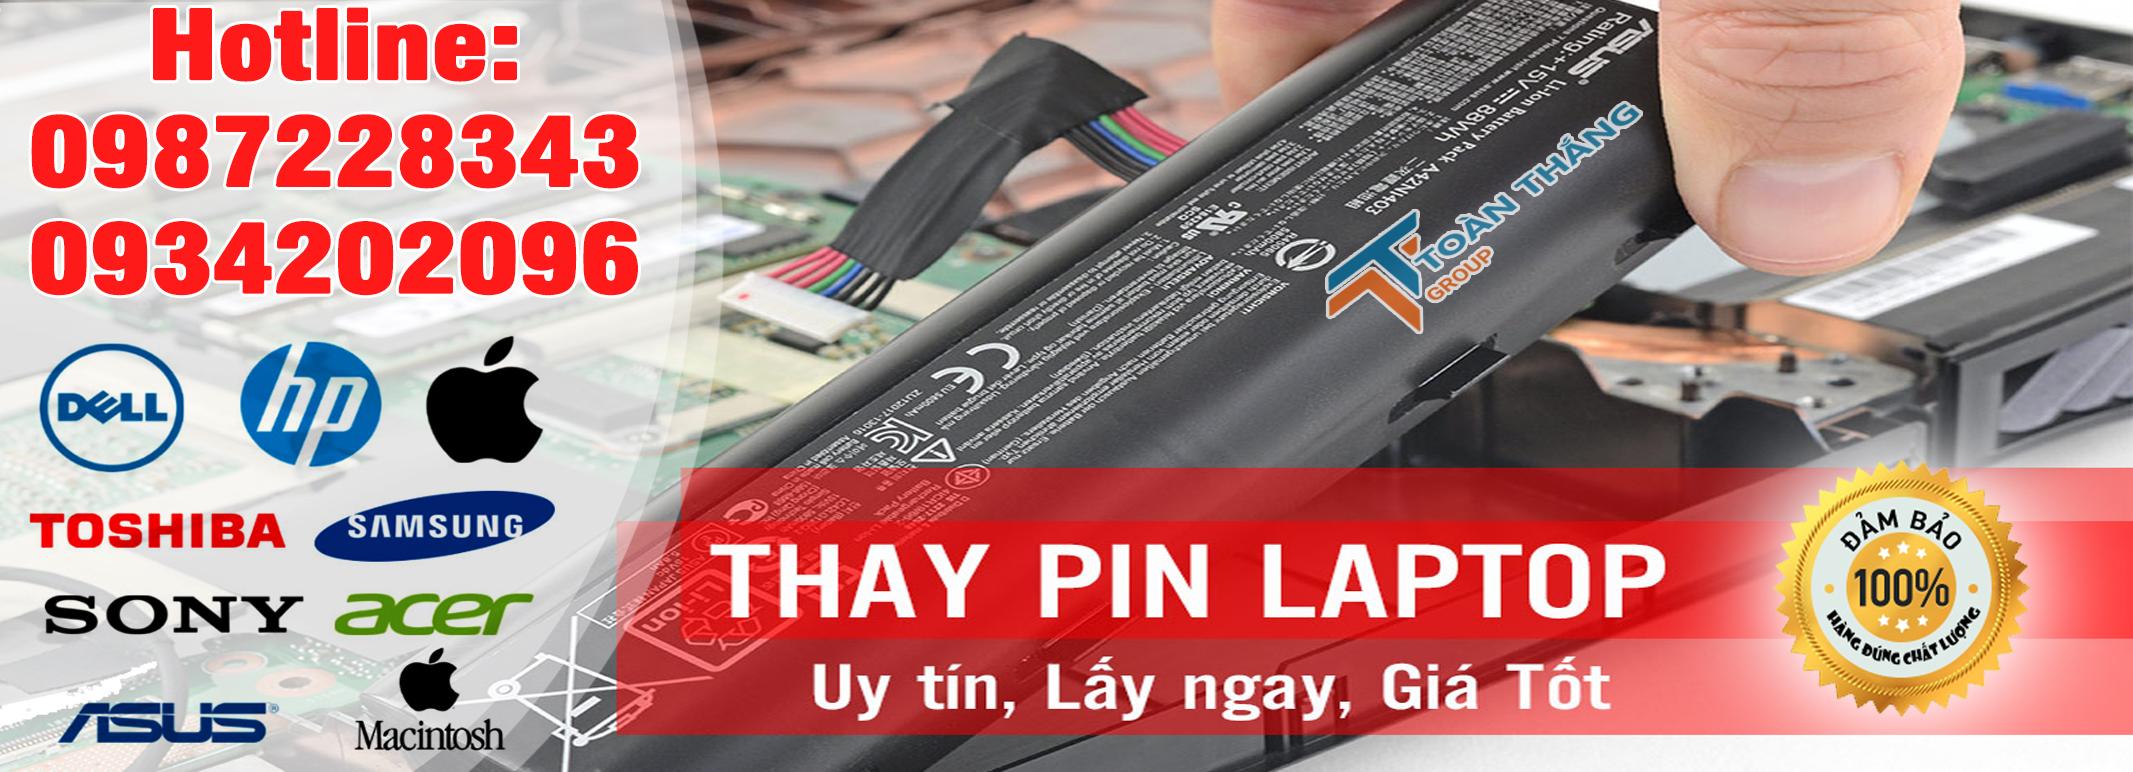 Công Ty Dịch Vụ Thay Pin Laptop Tận Nơi Huyện Hóc Môn Uy Tín Nhanh